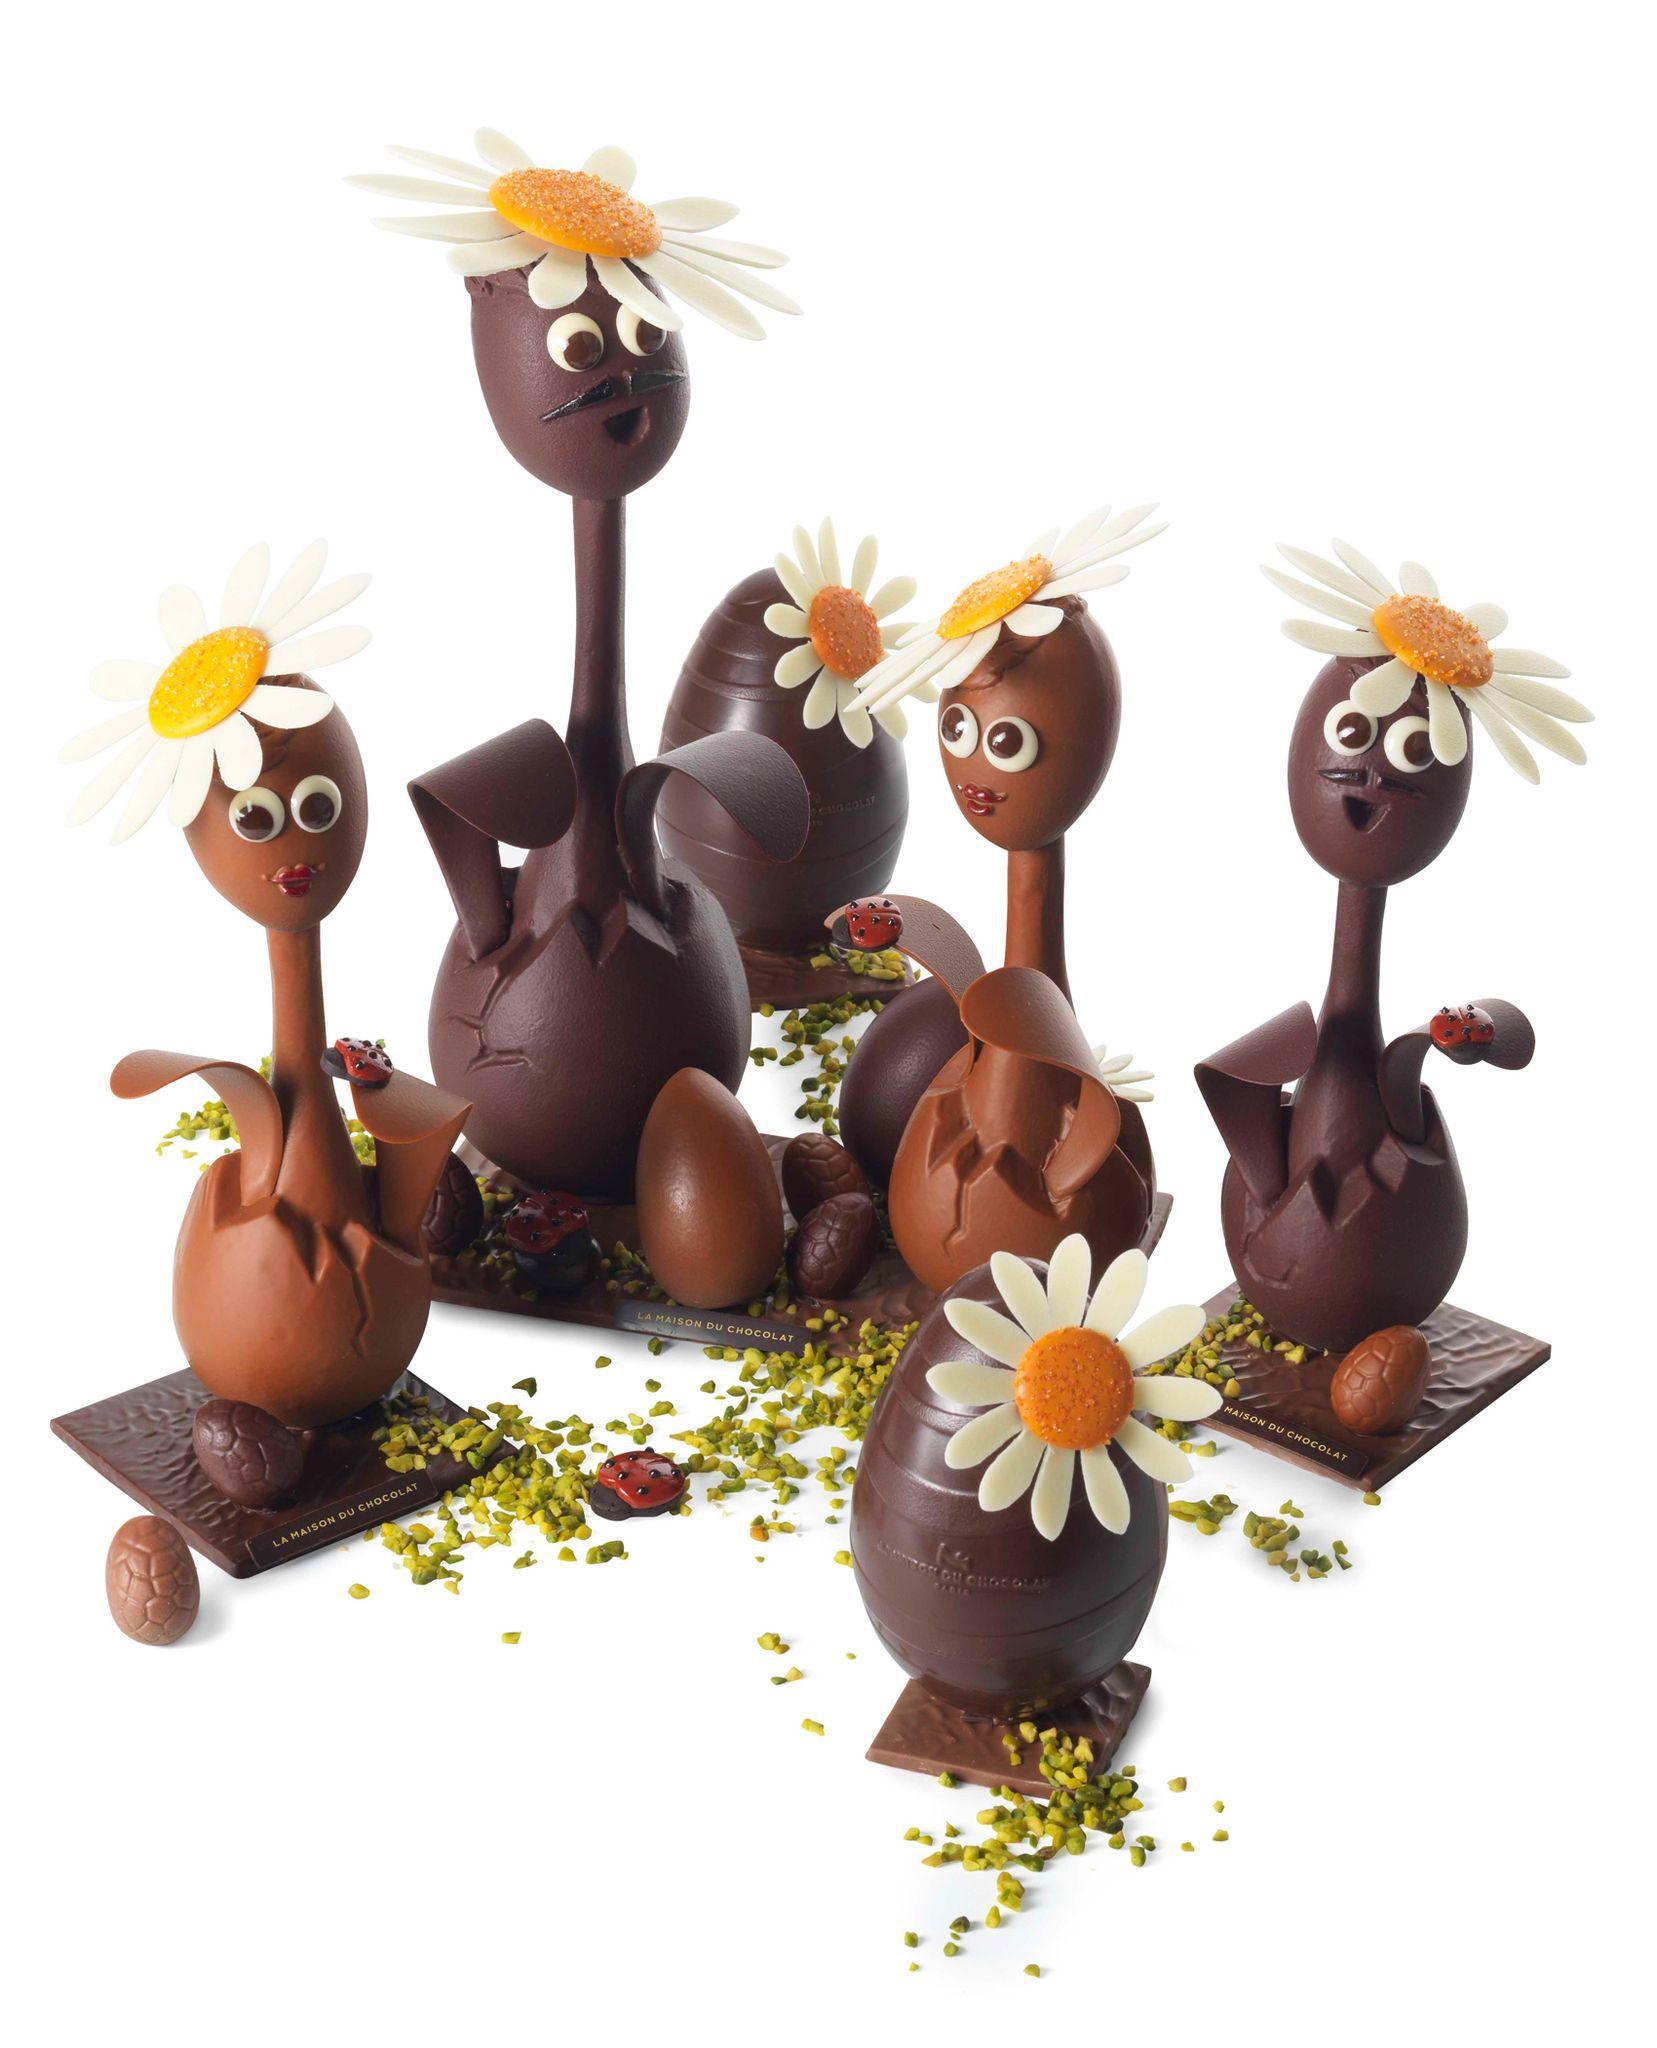 paques-2016-famille-la-maison-du-chocolat_5557777